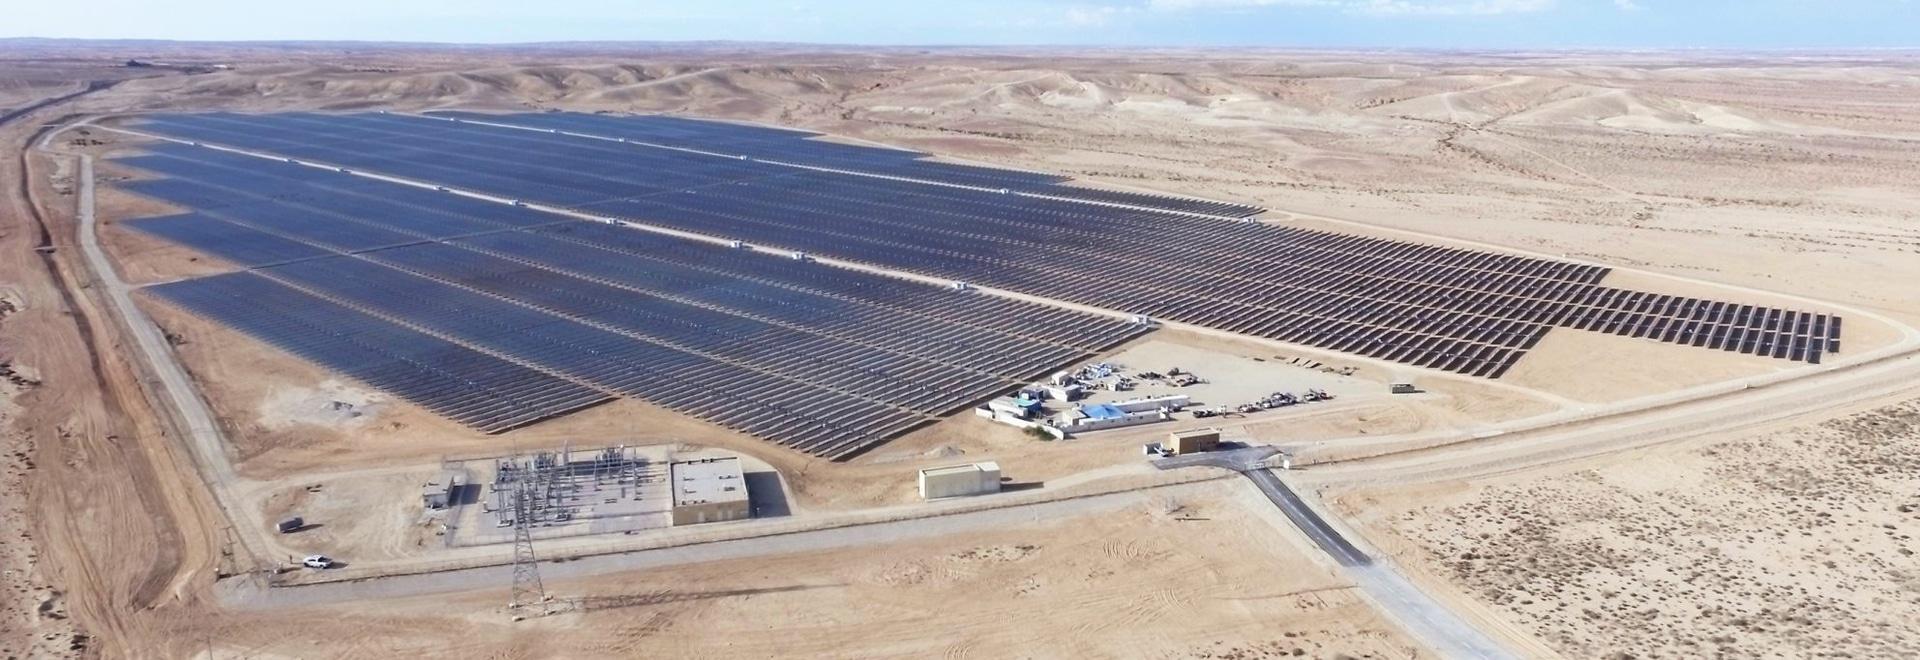 """Anlage """"Ashalim """"30 MW PV in Israel, errichtet durch Belectric"""